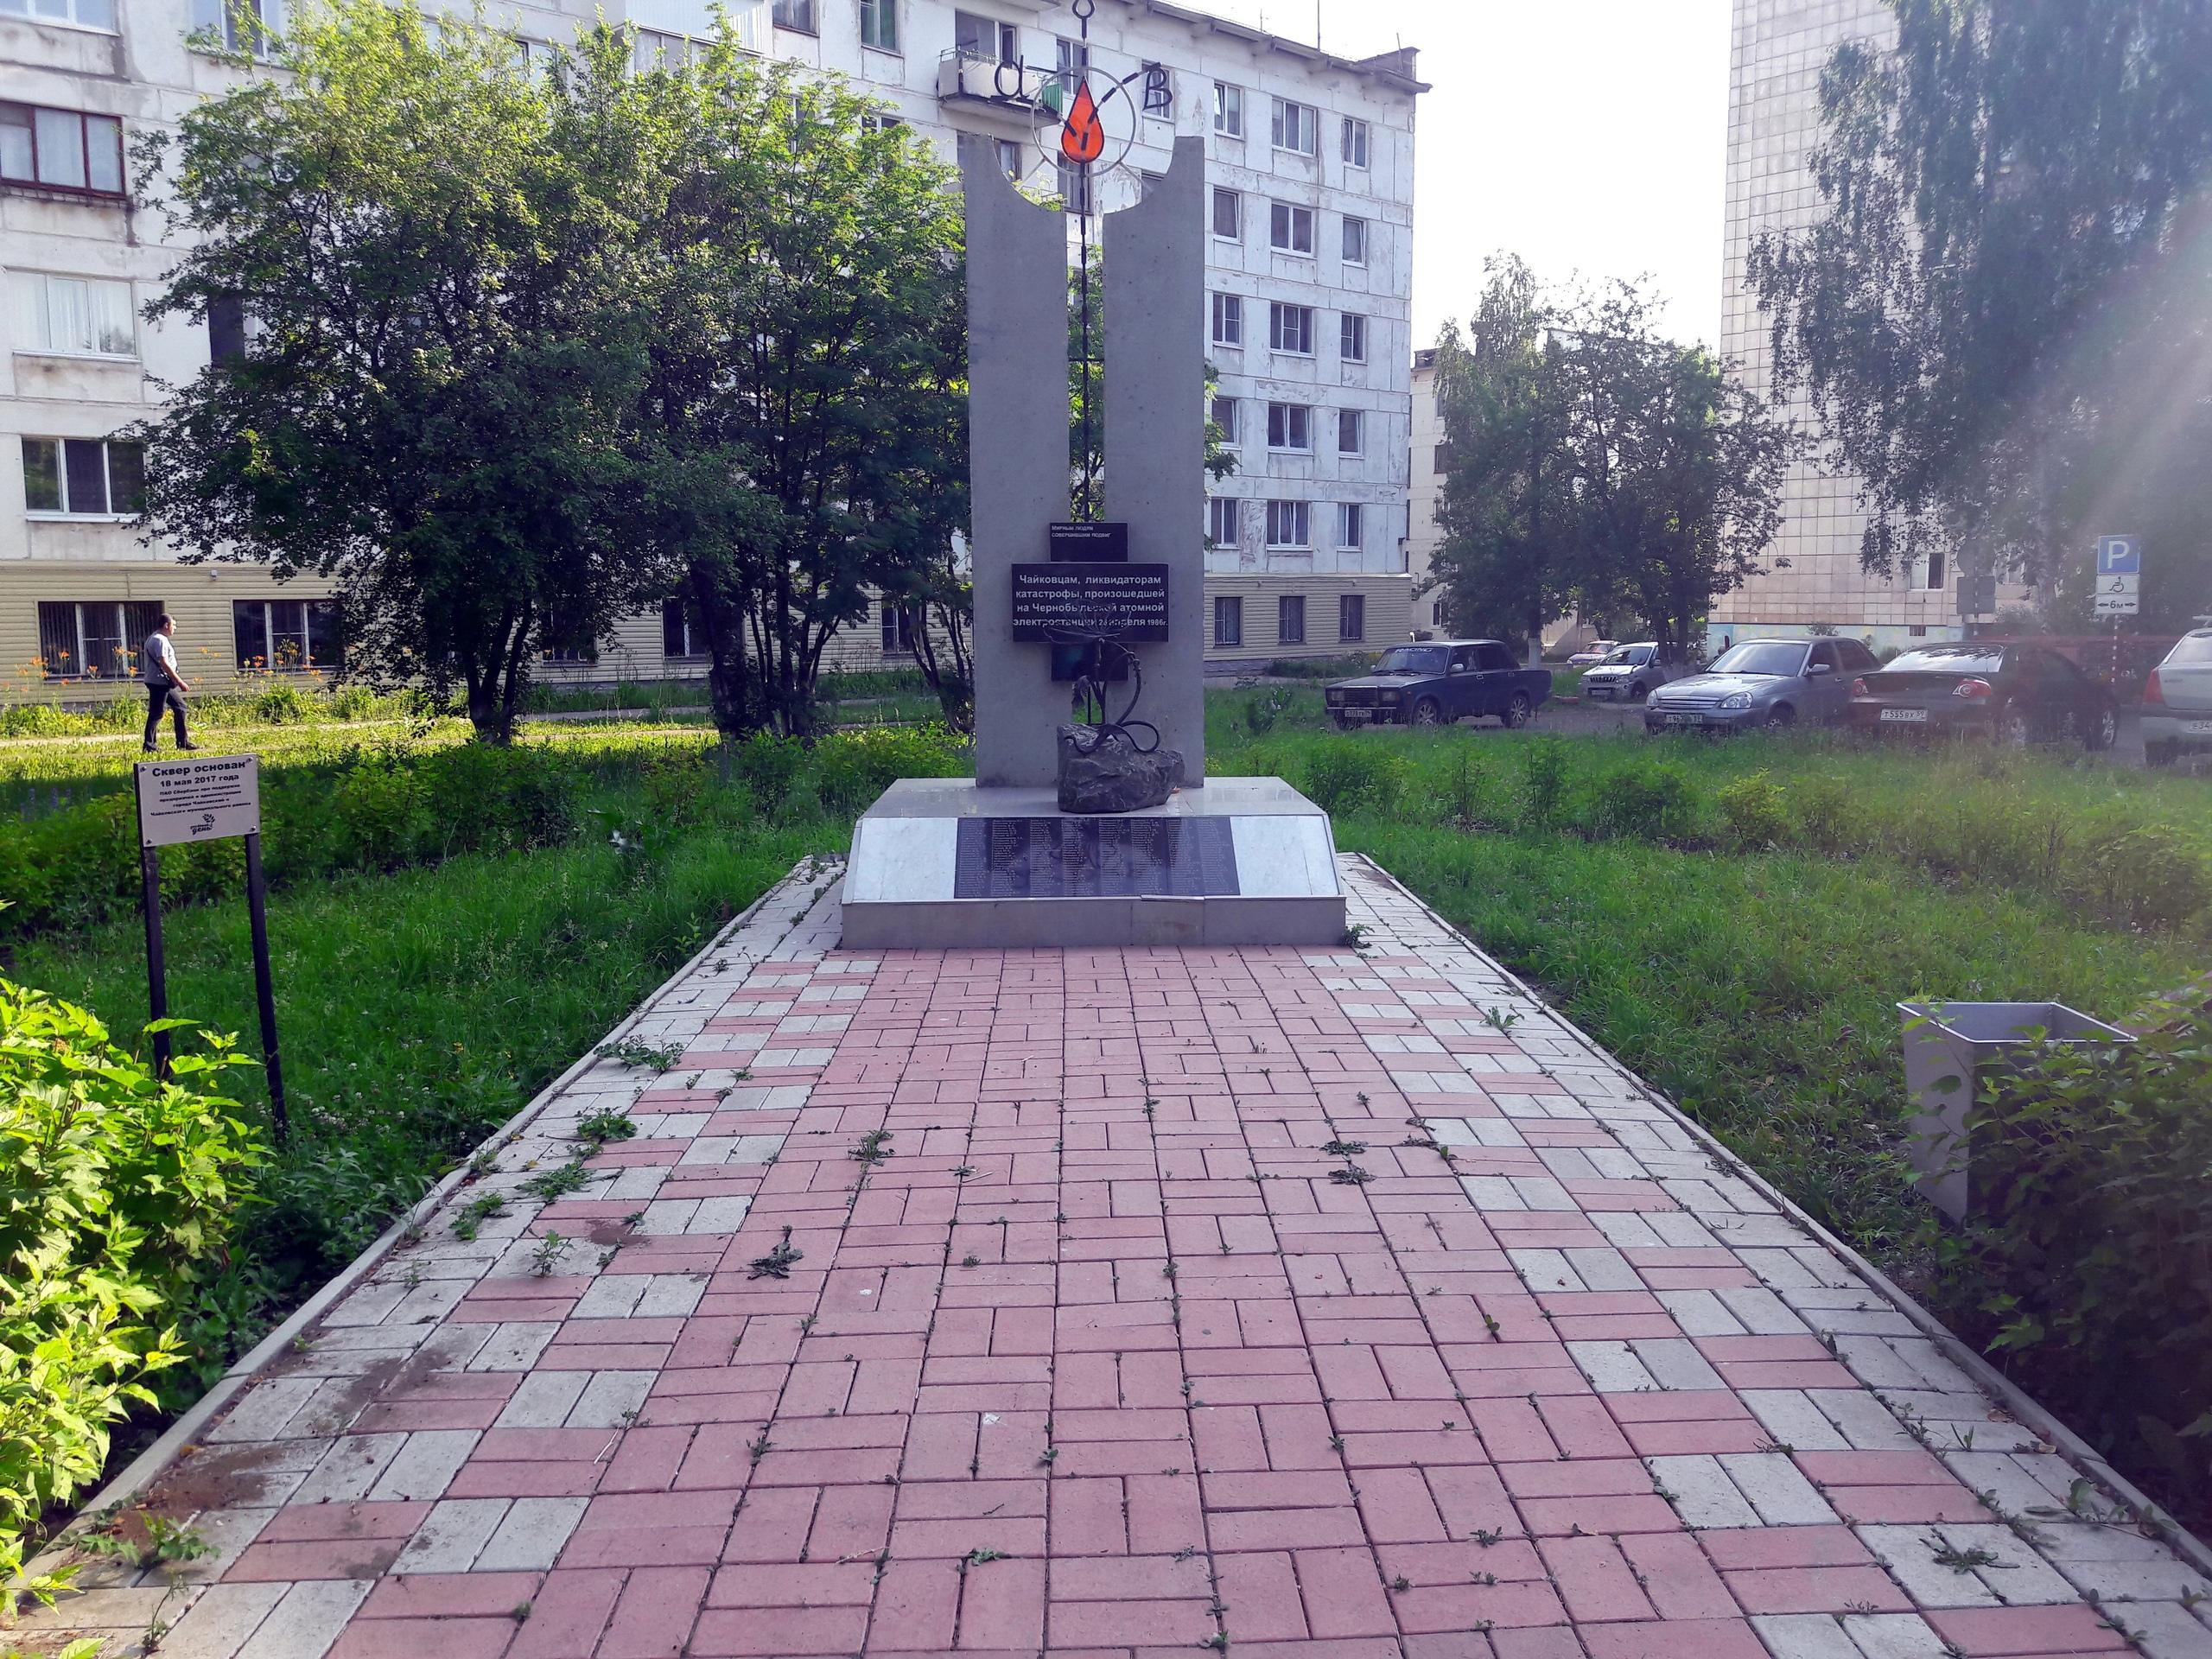 сквер посвященный чернобыльской аварии, 2018 год